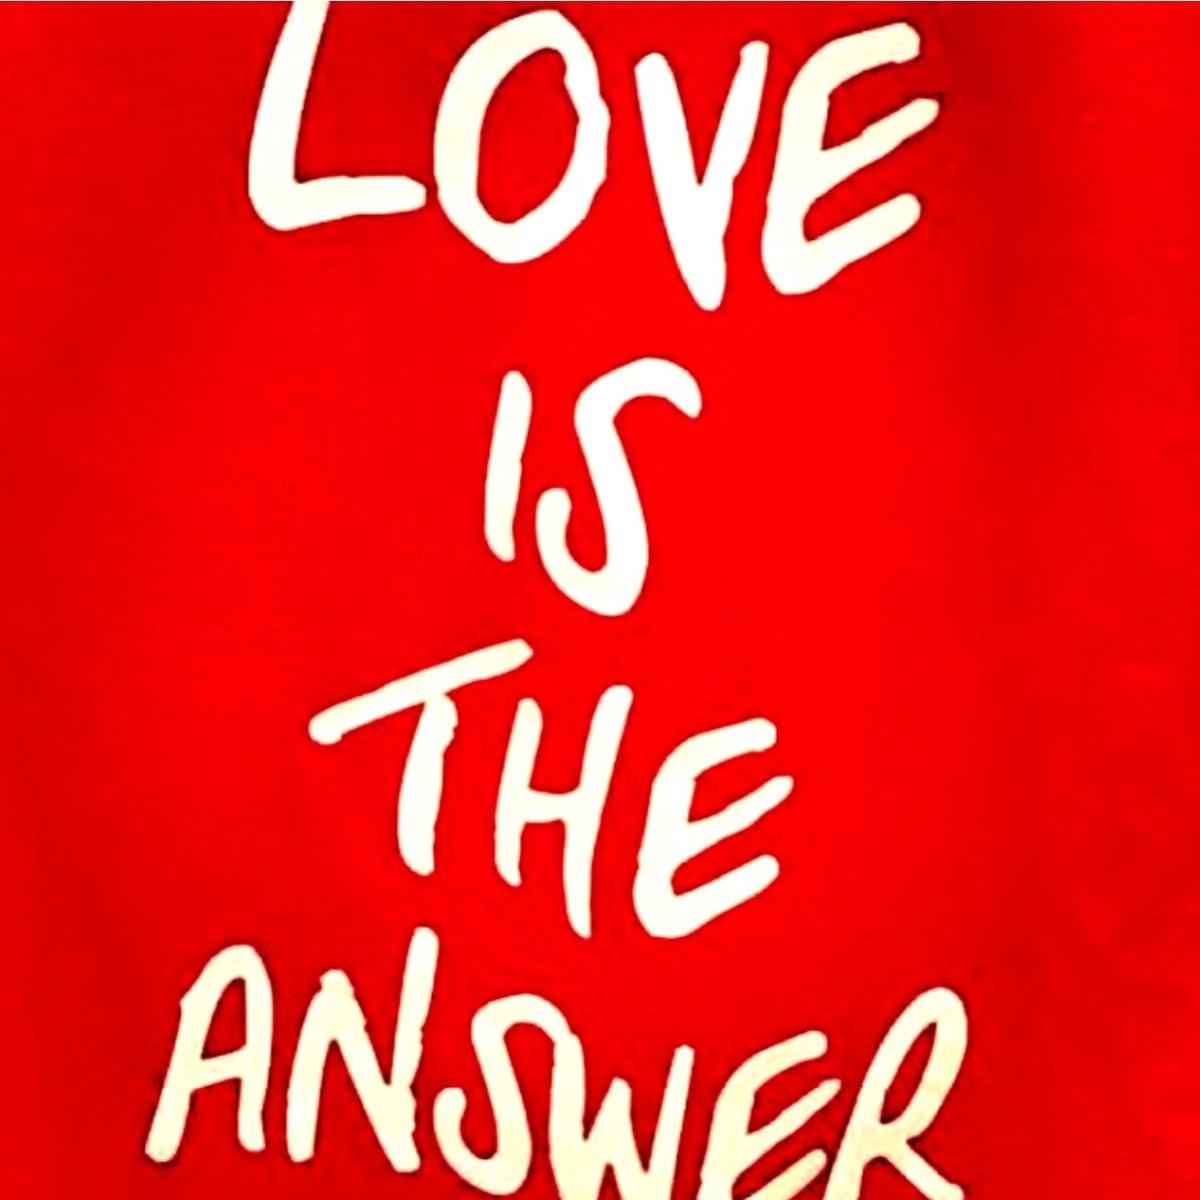 When in doubt ....#lovevelvet   #velveteyewear #velvetsunglasses #velvettrends #velvetstylebox #bestsunglasses #2020color #socalstyle #designedbywomen #designedforwomen #bestcolor #coloroftheyear #uvprotection #lovevelvet #findyourfaceshape #SunglassStyle #SunglassColorpic.twitter.com/EiQk482Gaj